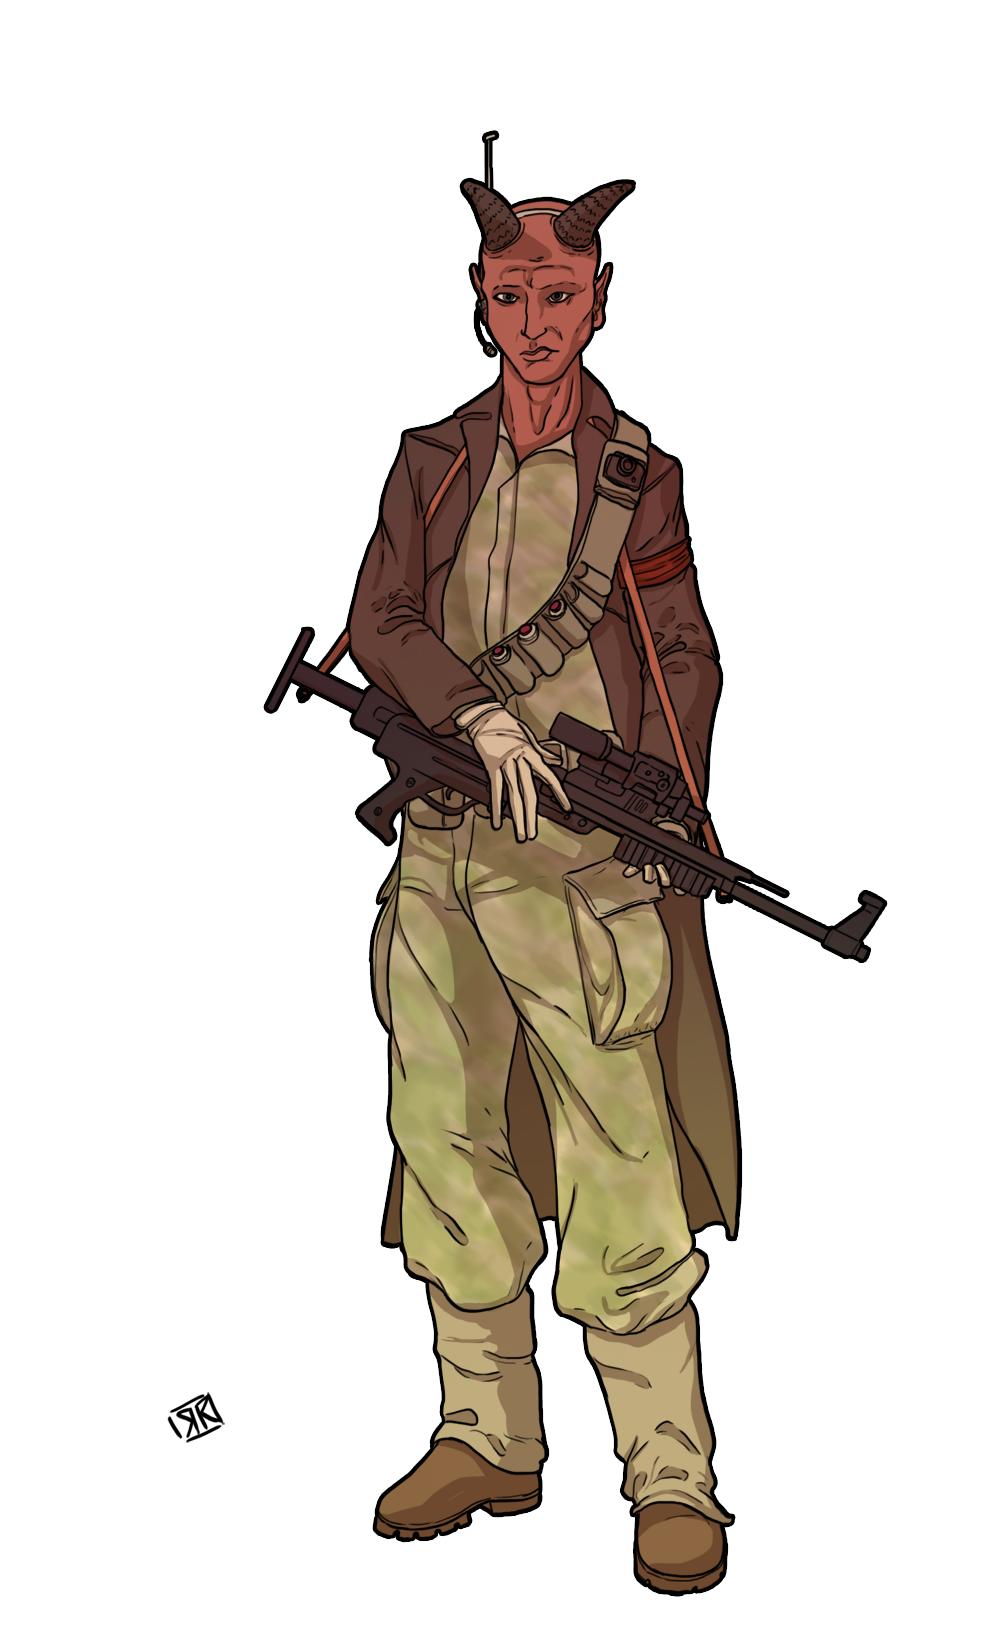 devaronian_rebel_commando_by_ryan_rhodes